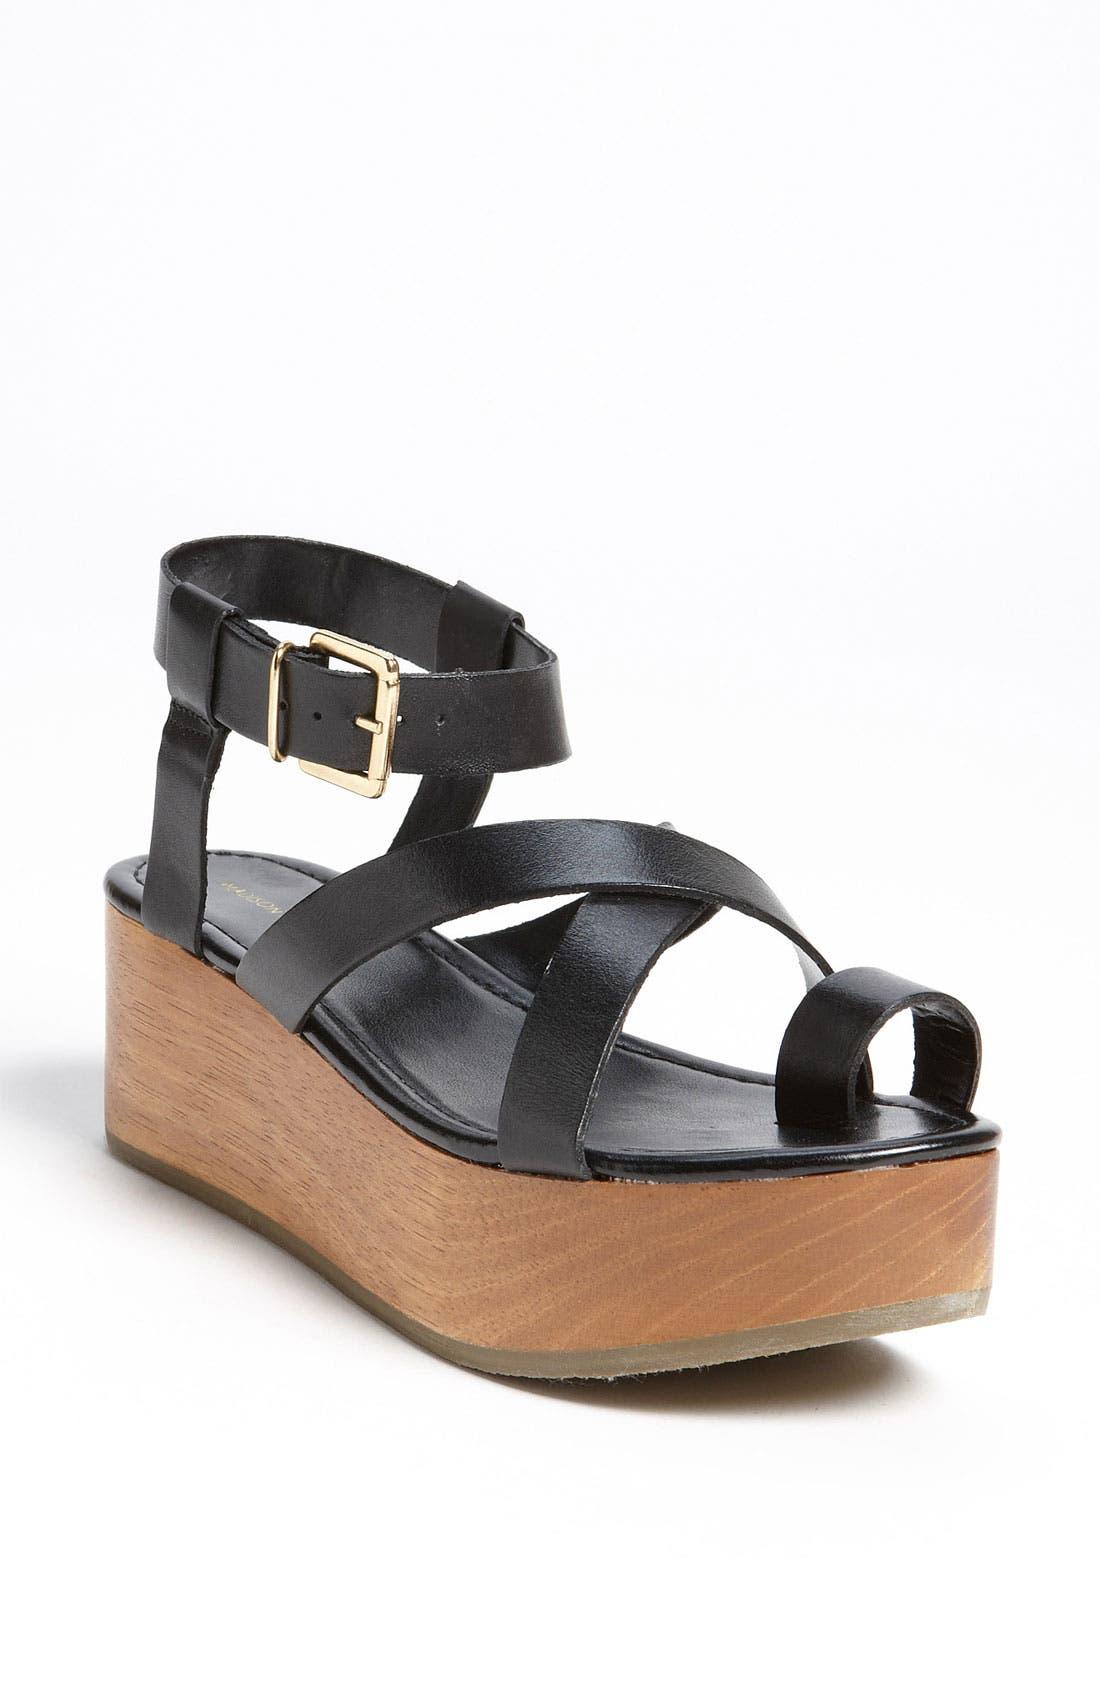 Alternate Image 1 Selected - Madison Harding 'Suzie' Sandal